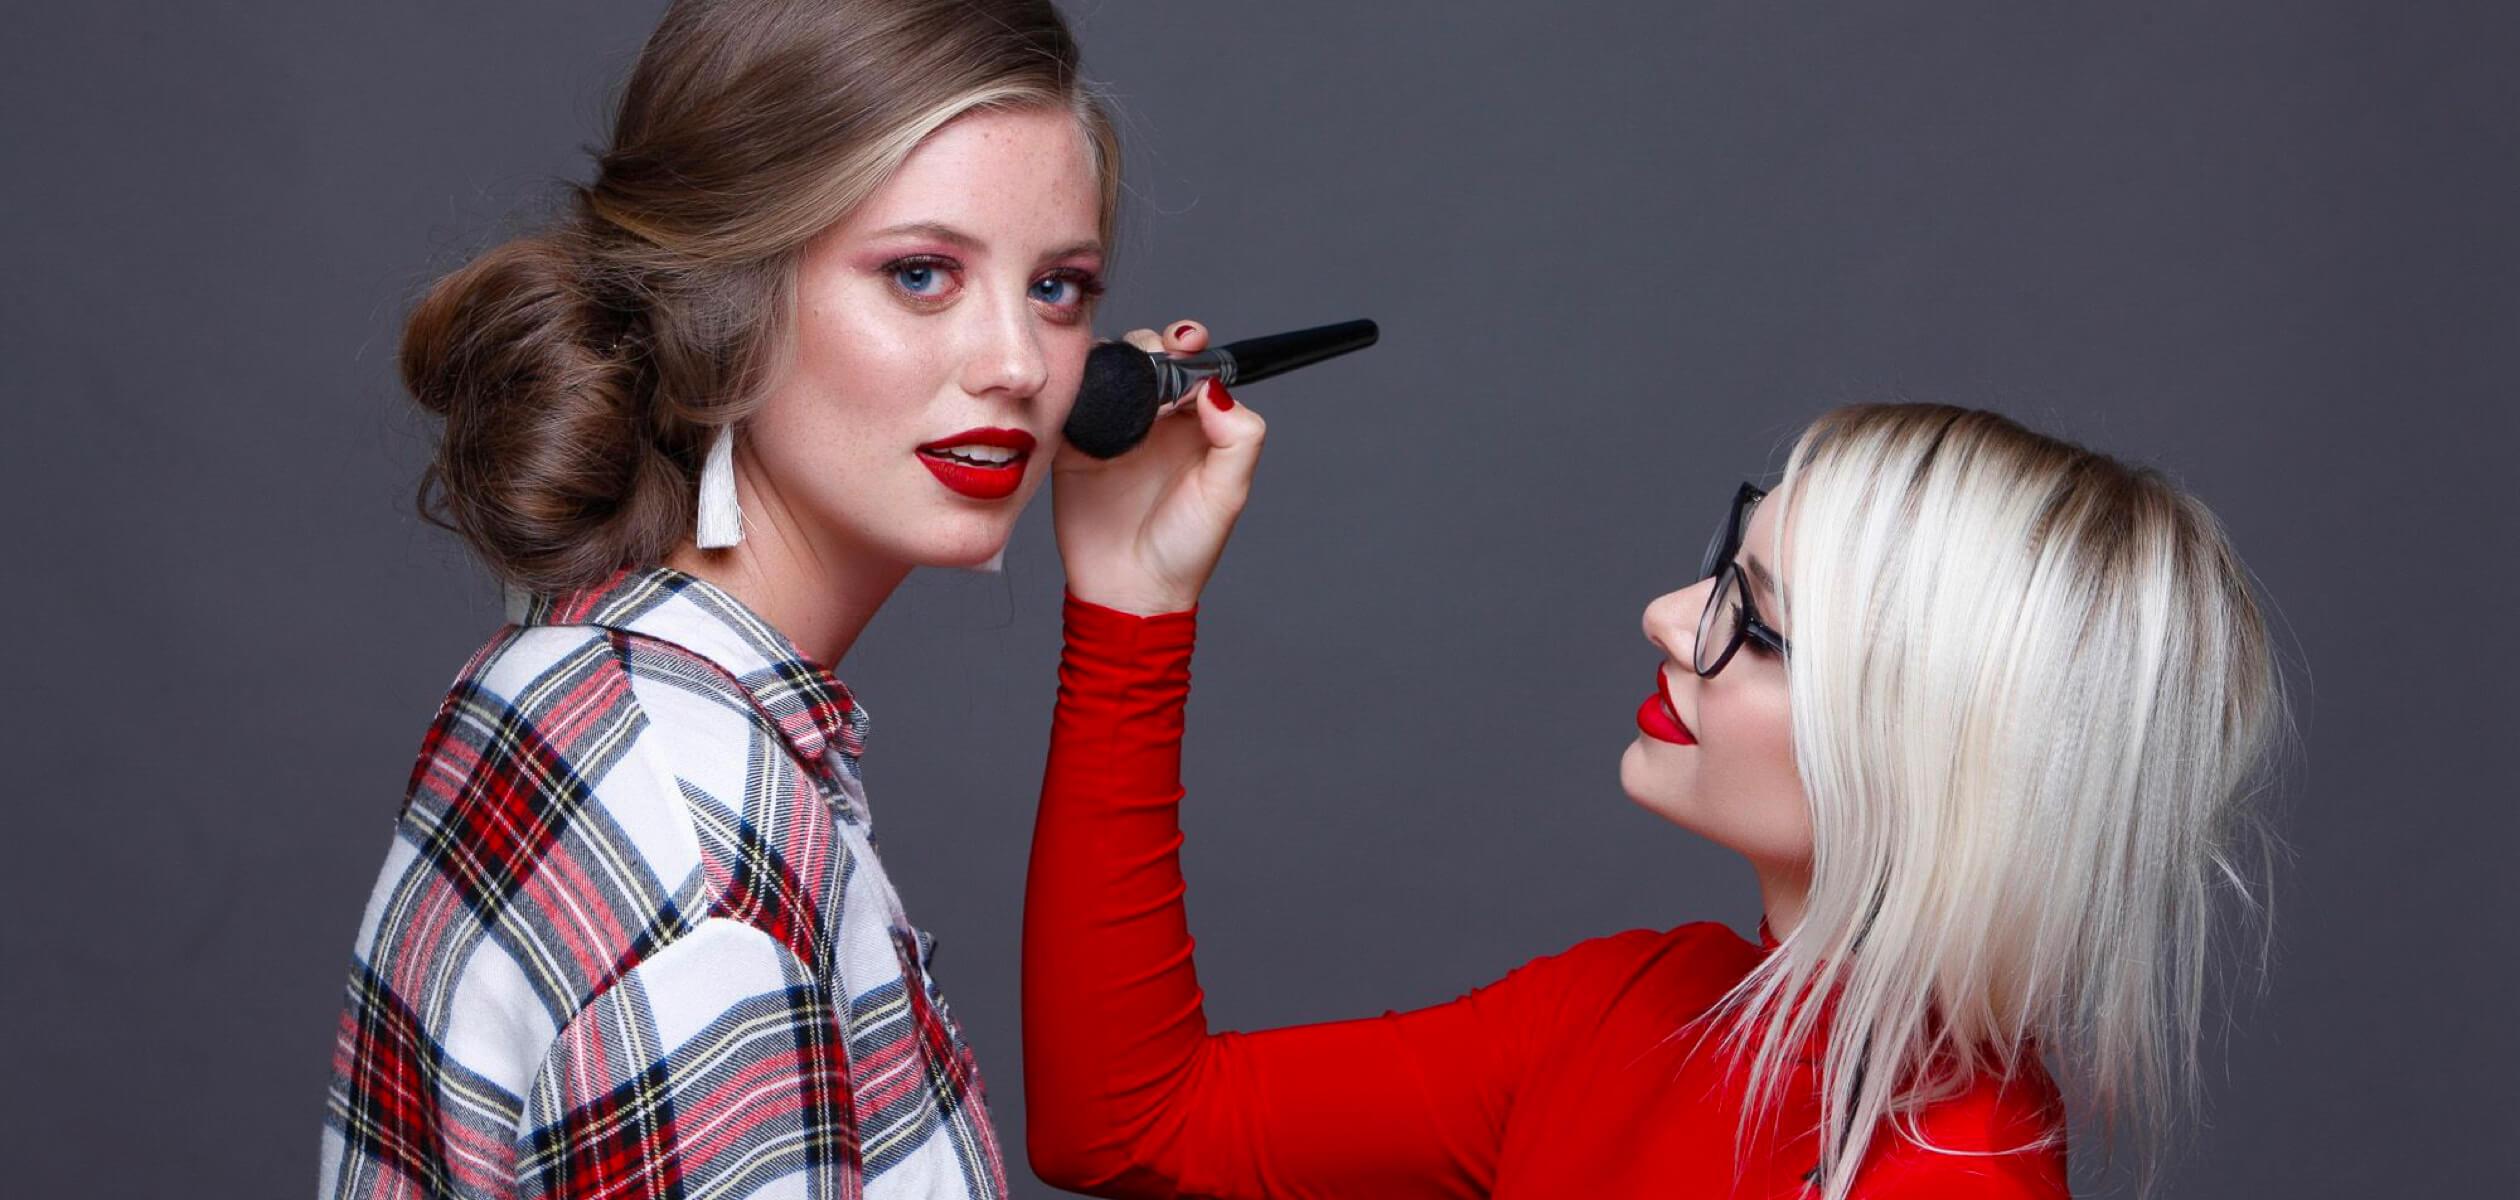 Мастер Ксения Попкова делает макияж девушке в студии